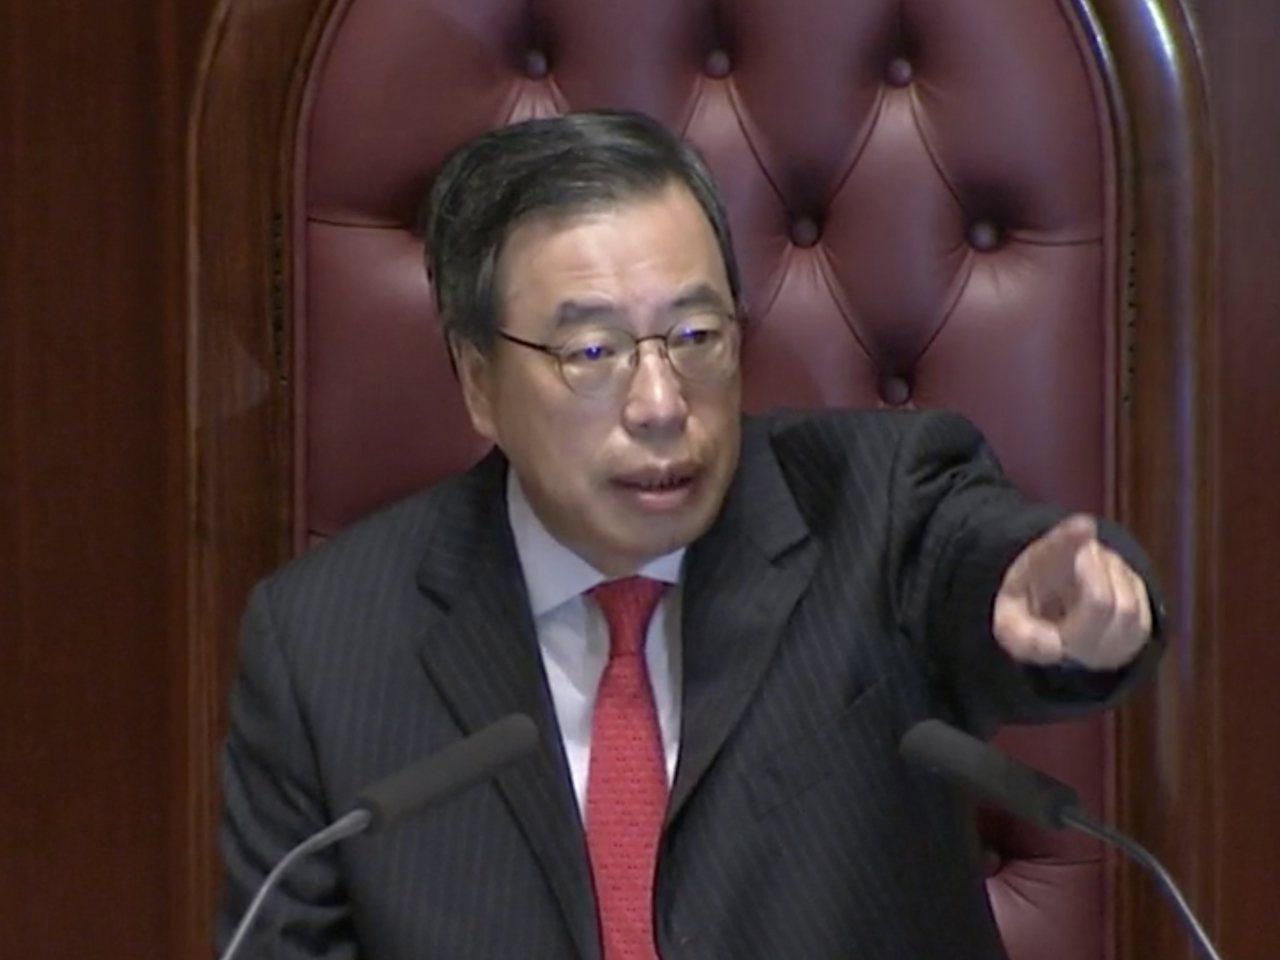 立法會主席梁君彥宣布暫停會議。取自香港電台